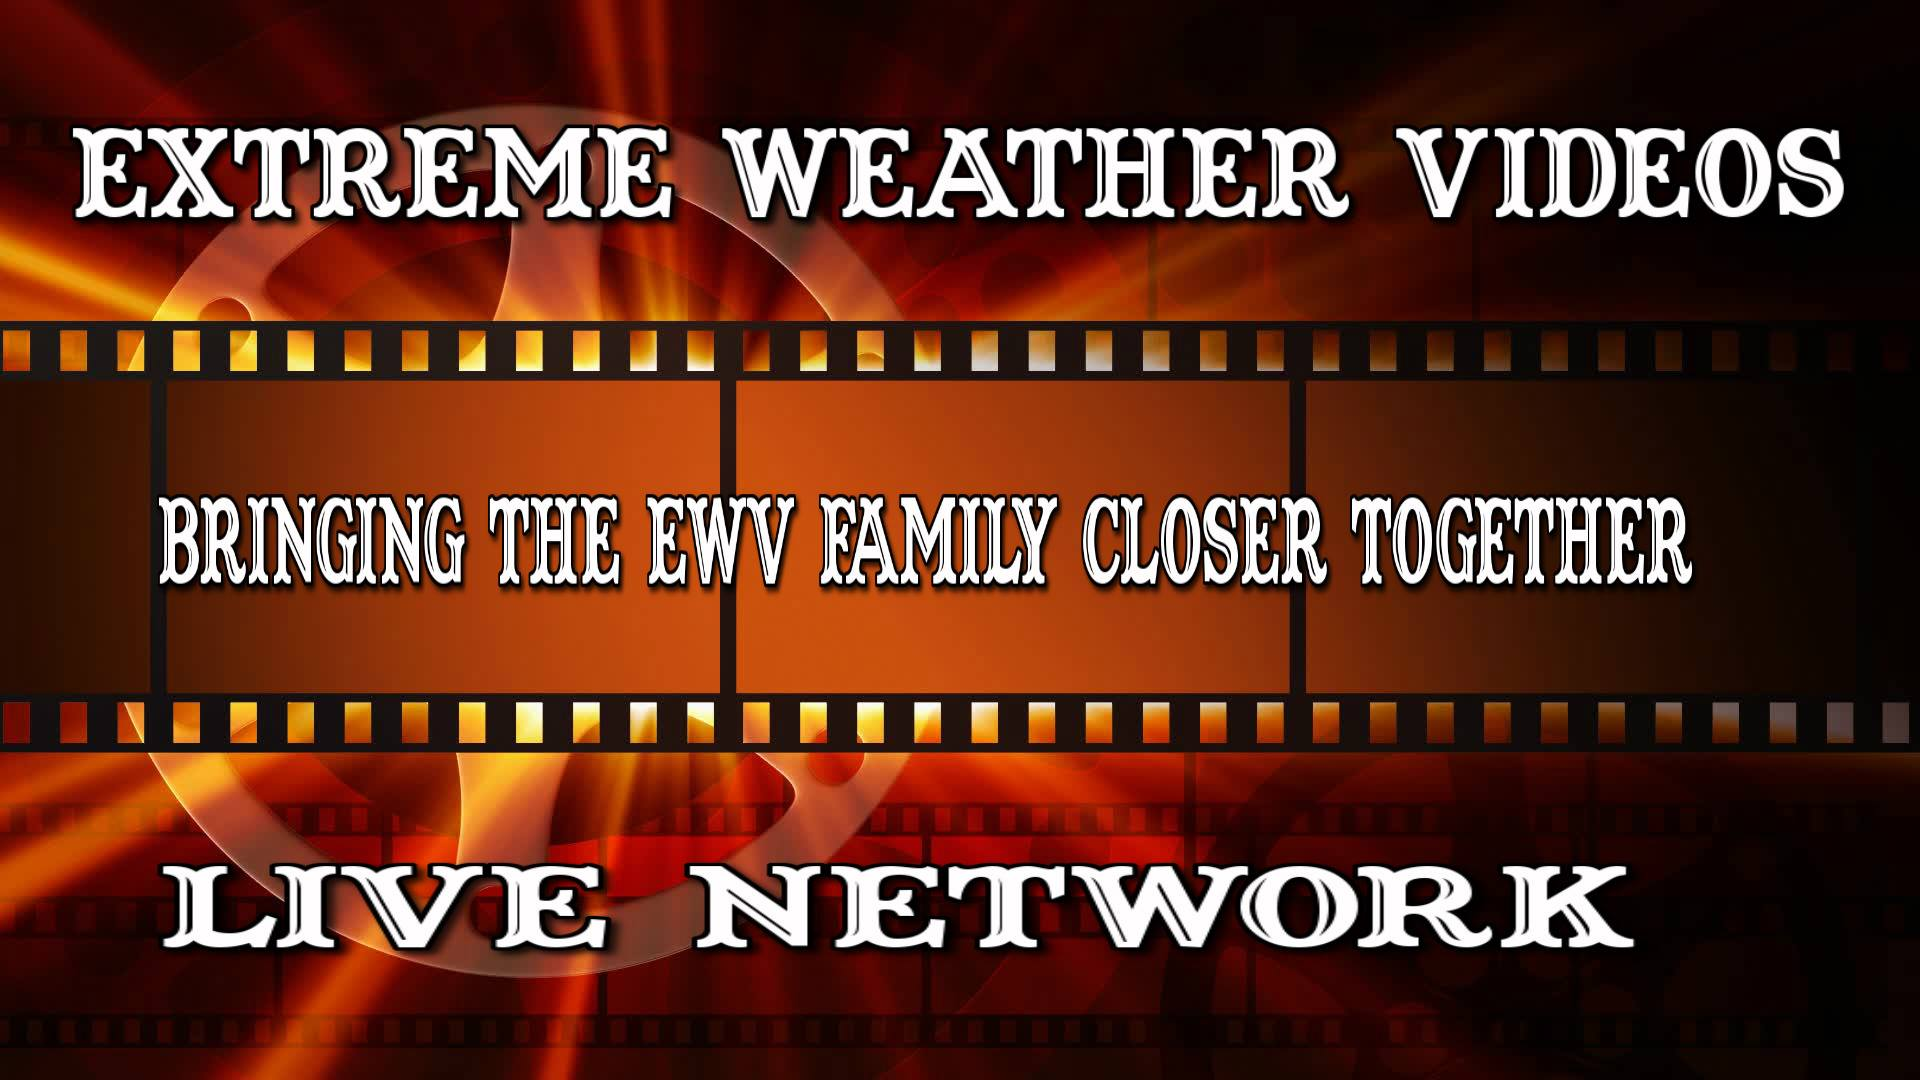 EWV Live Network NEW Website!